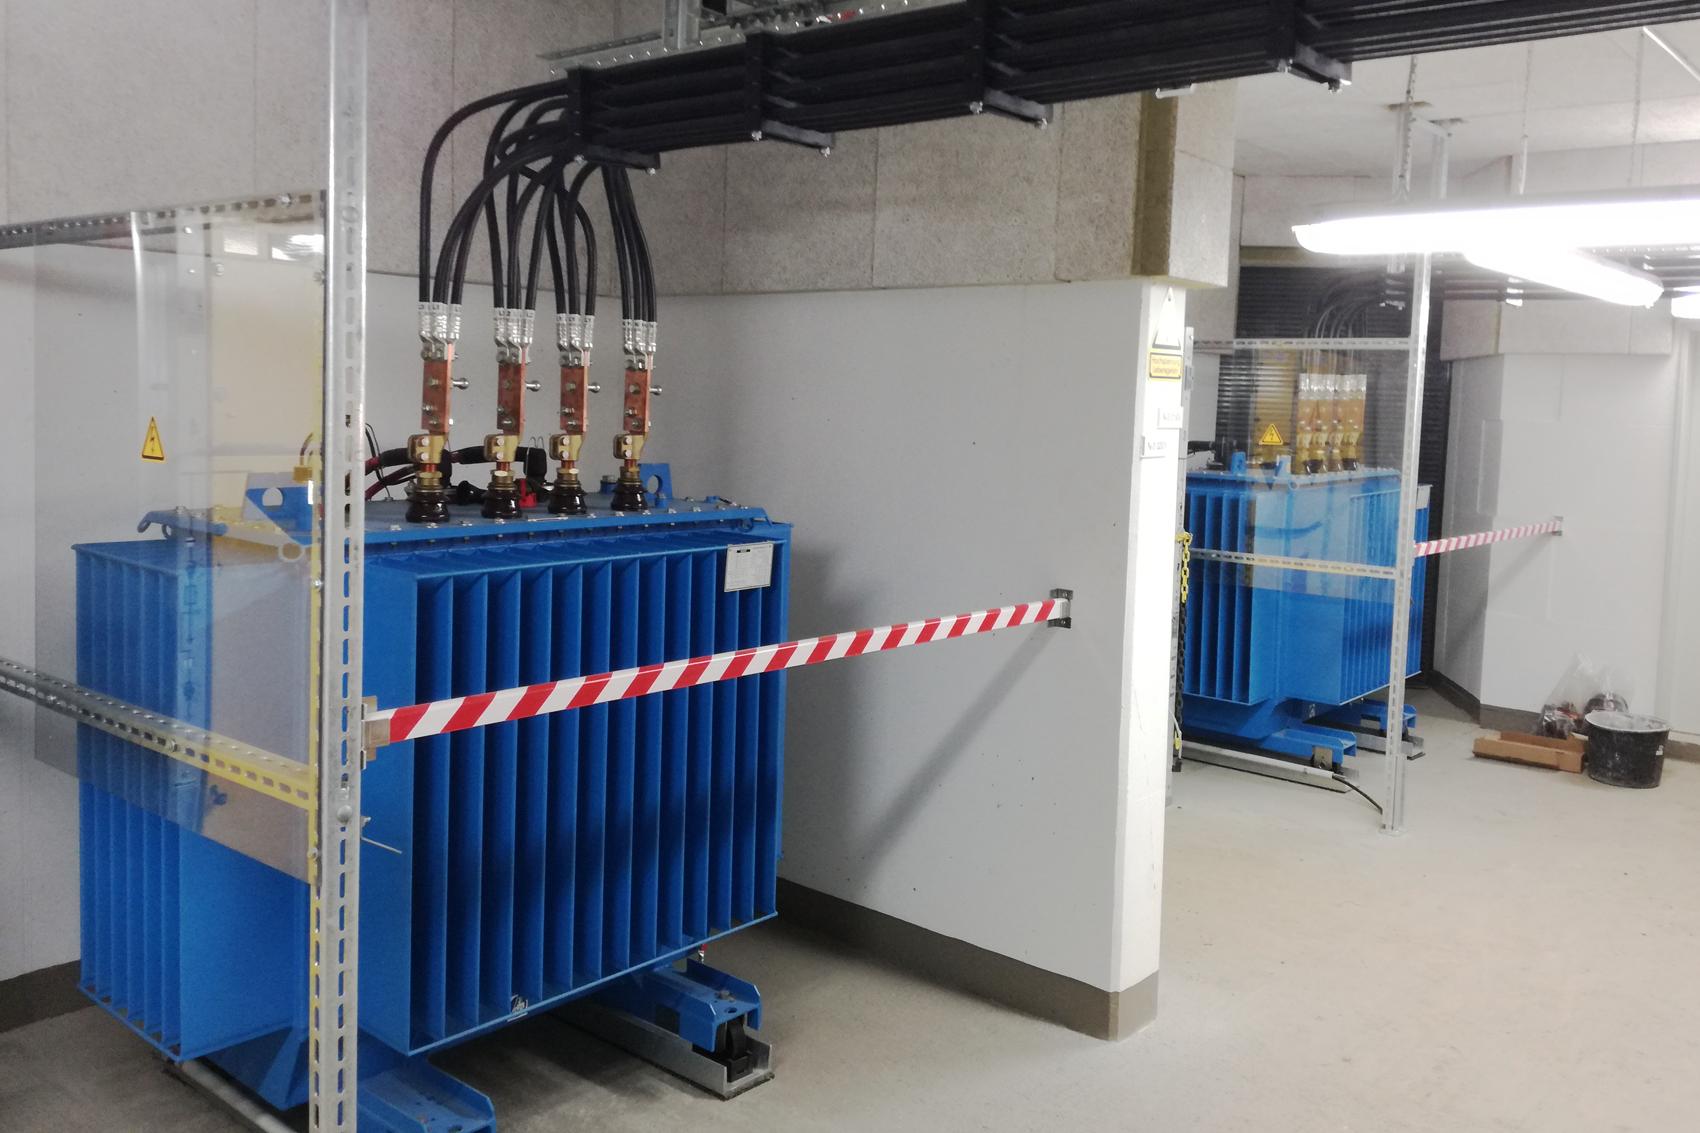 630 kVA Trafoanschluss EMV-gerecht ausgekreuzt